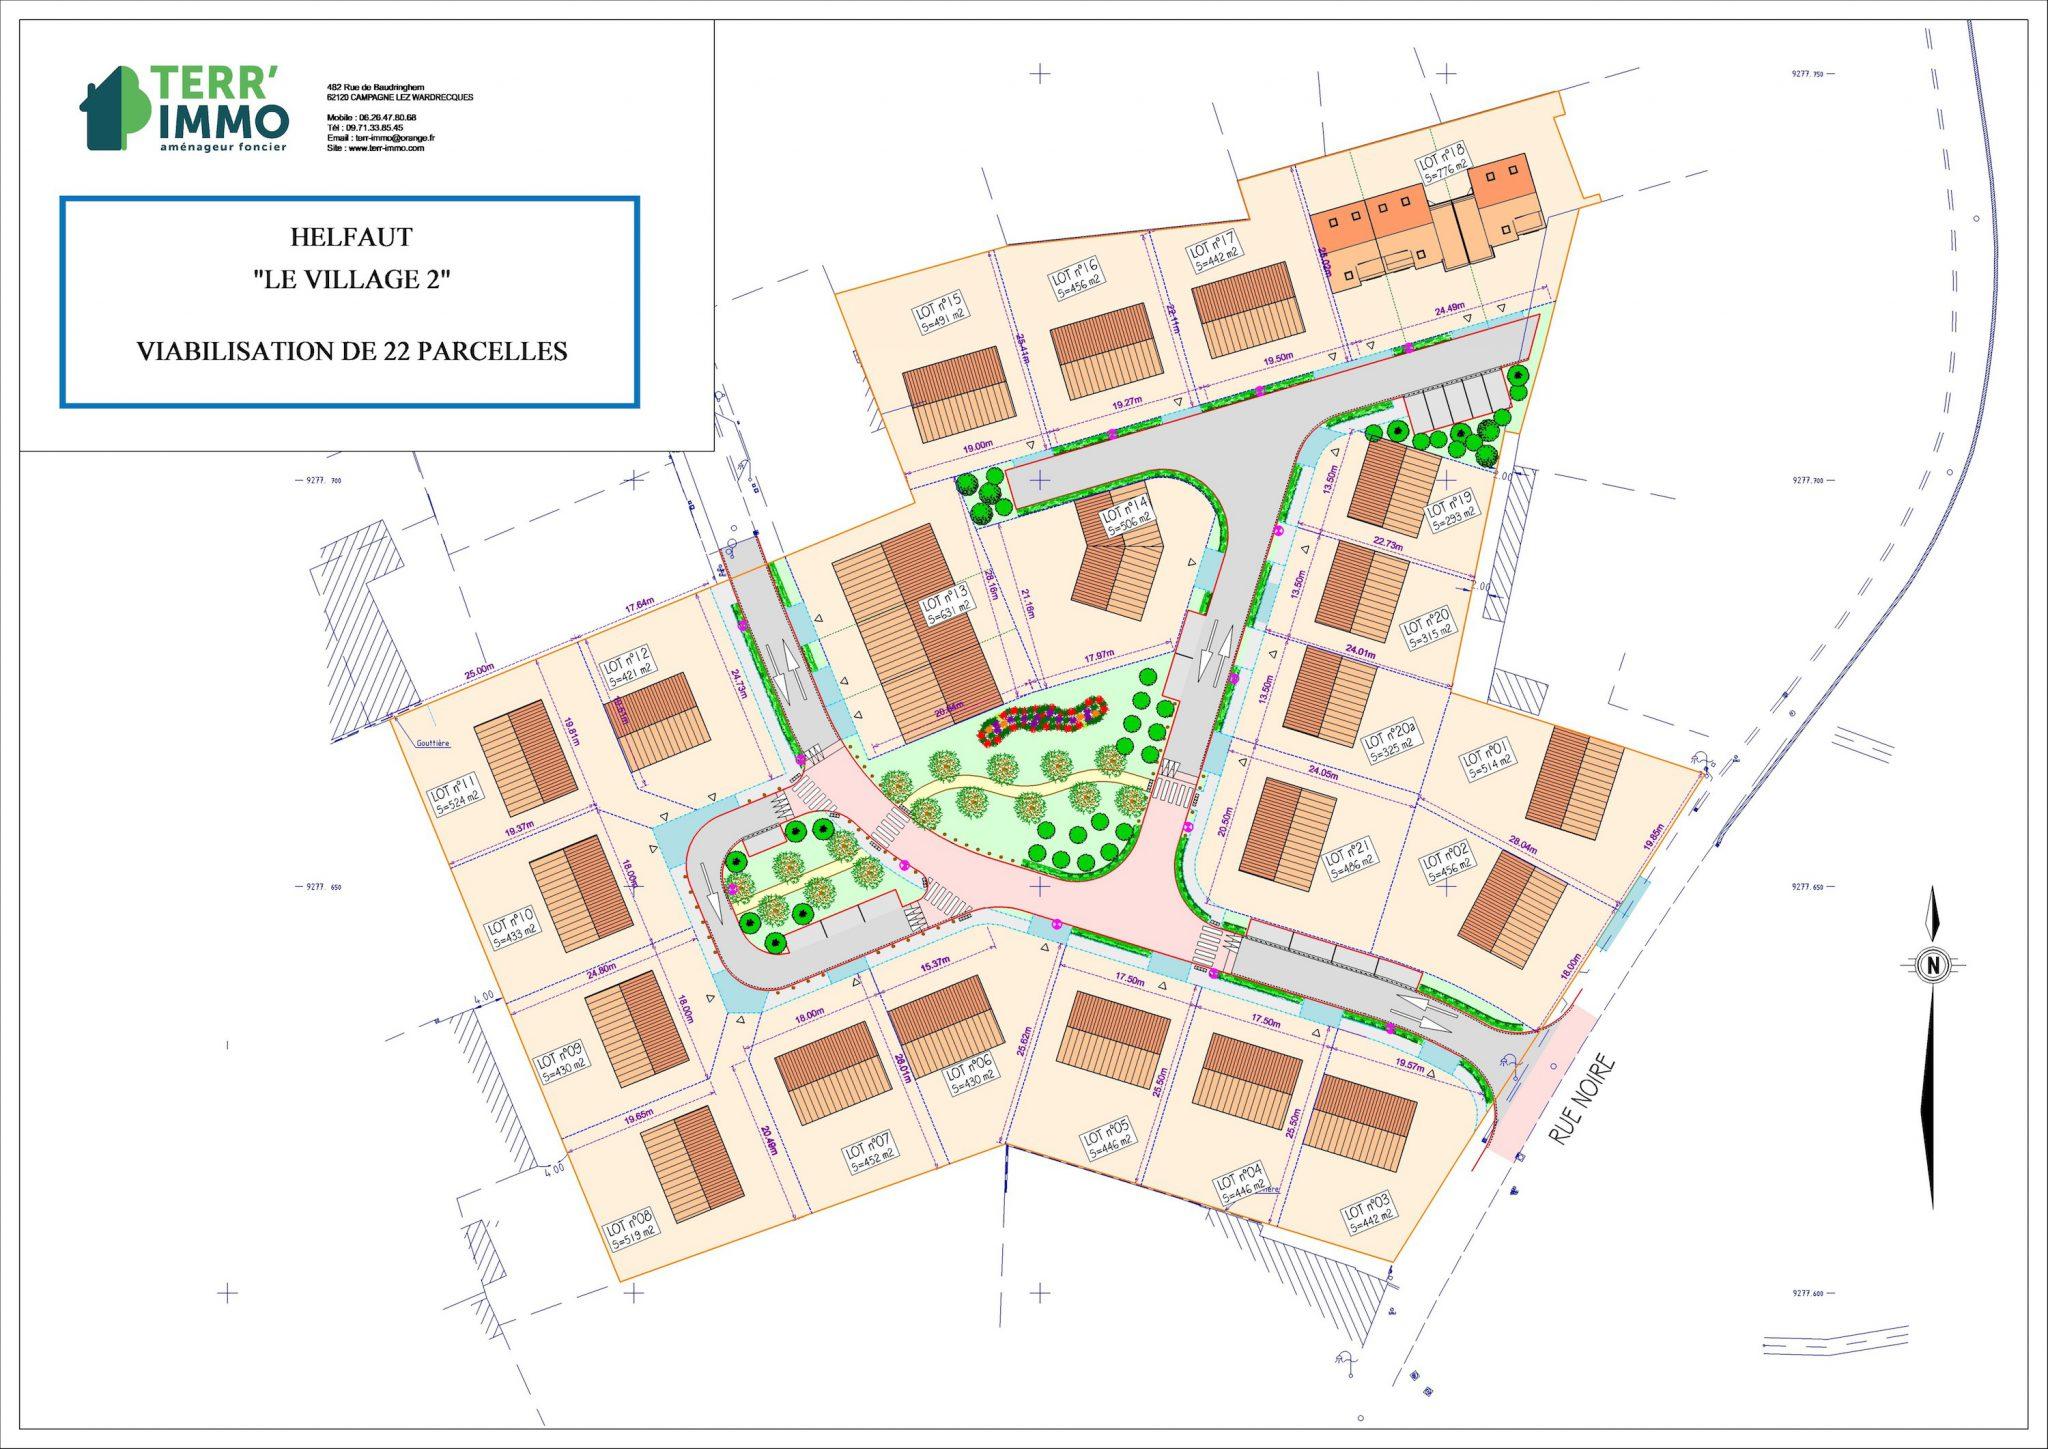 plan des parcelles HELFAUT , Centre du Village